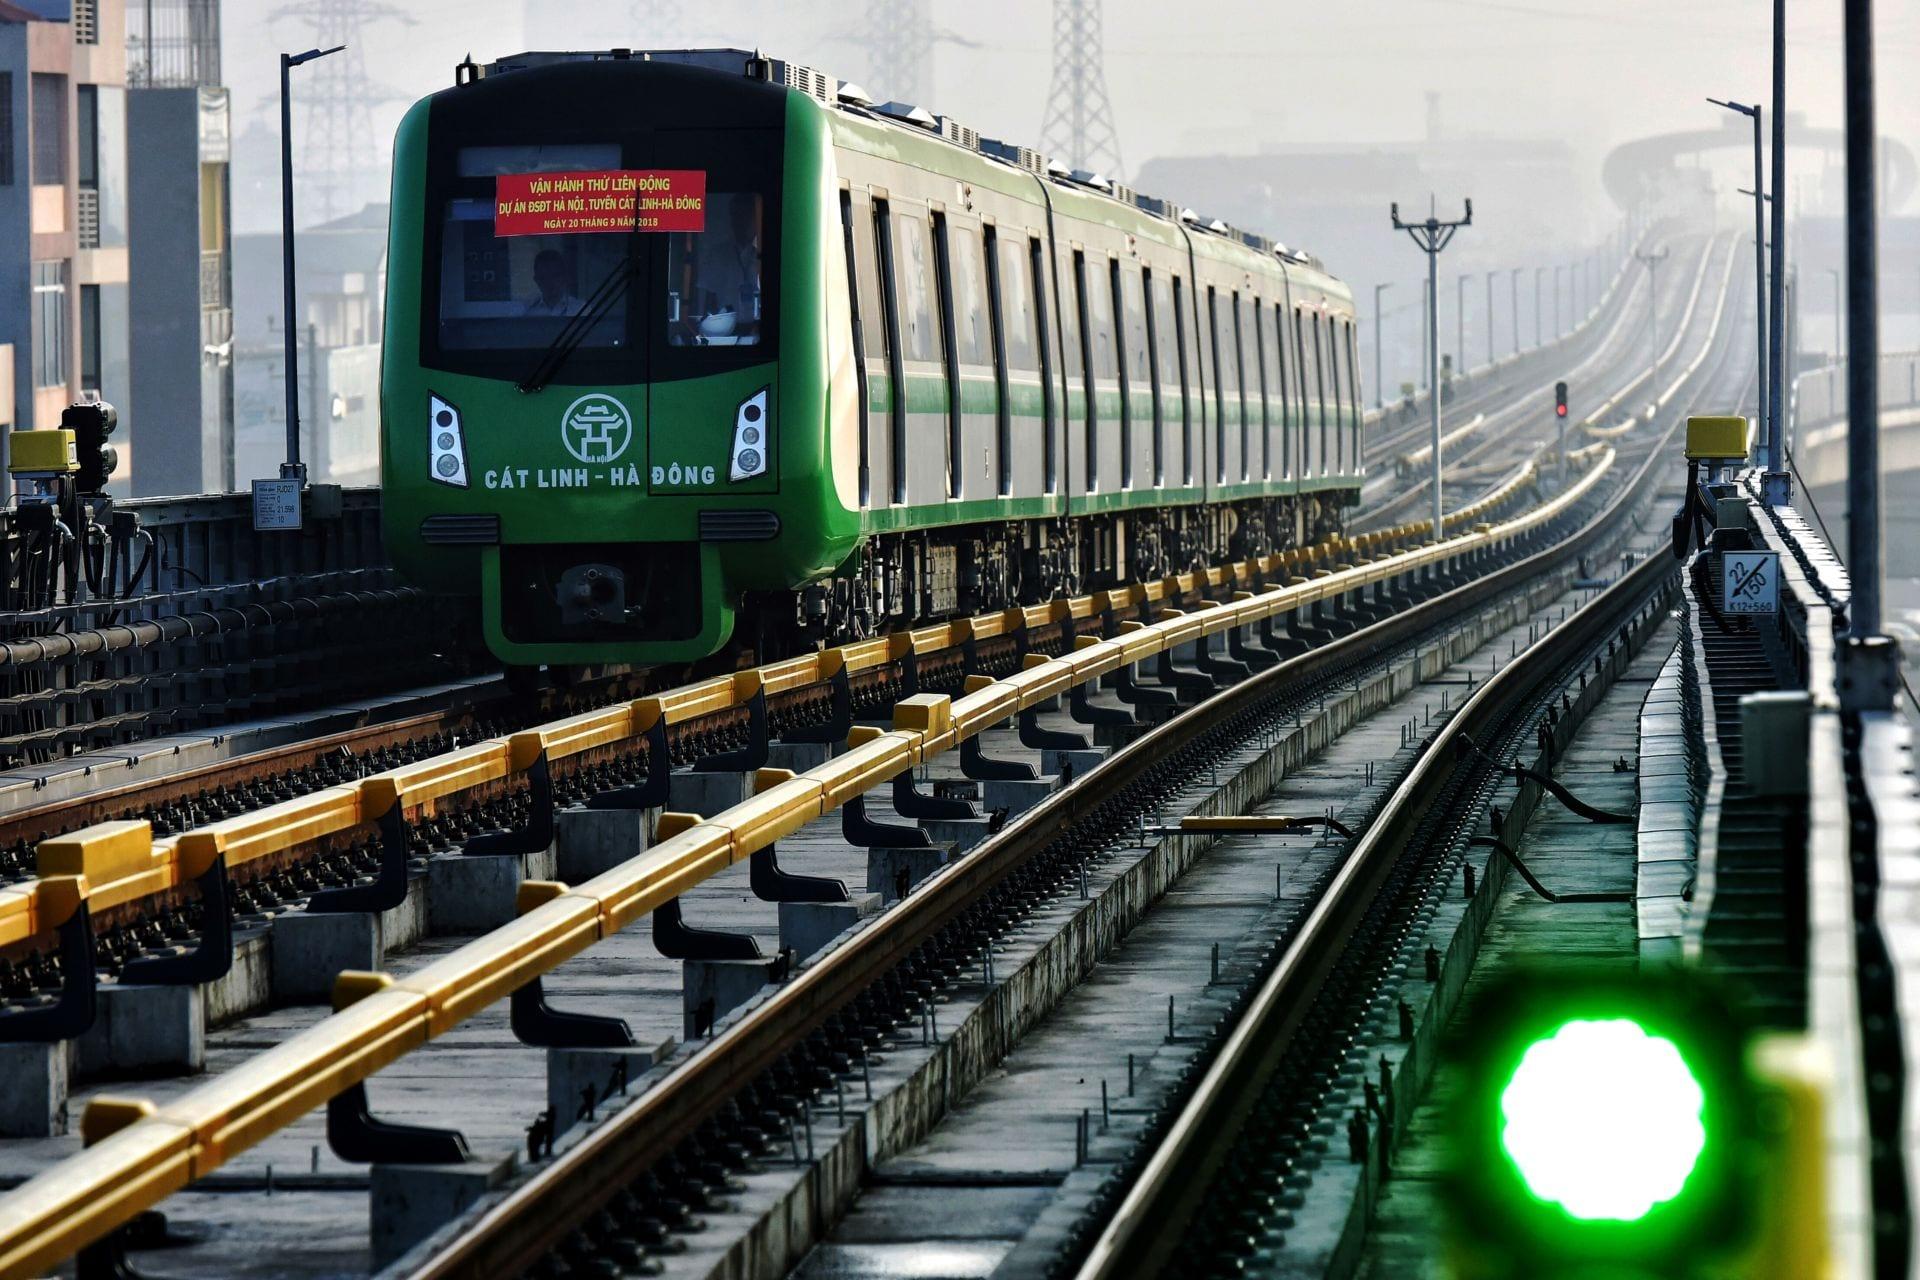 Tàu đường sắt Cát Linh - Hà Đông được cấp đăng kiểm tạm thời để chạy thử  1